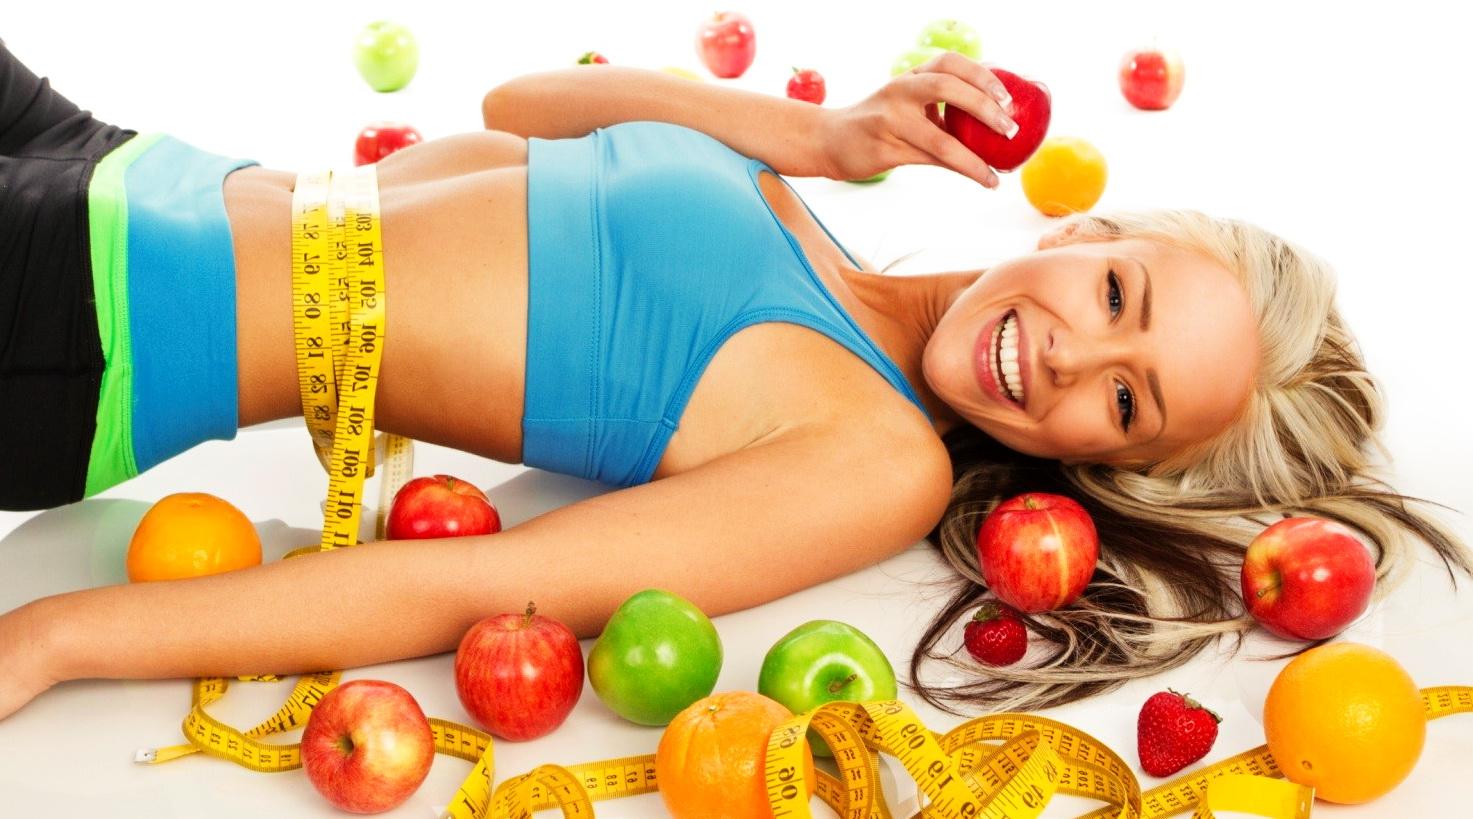 Разработанные Системы Похудения. Лучшие системы похудения 21 века — вся полезная информация о похудении